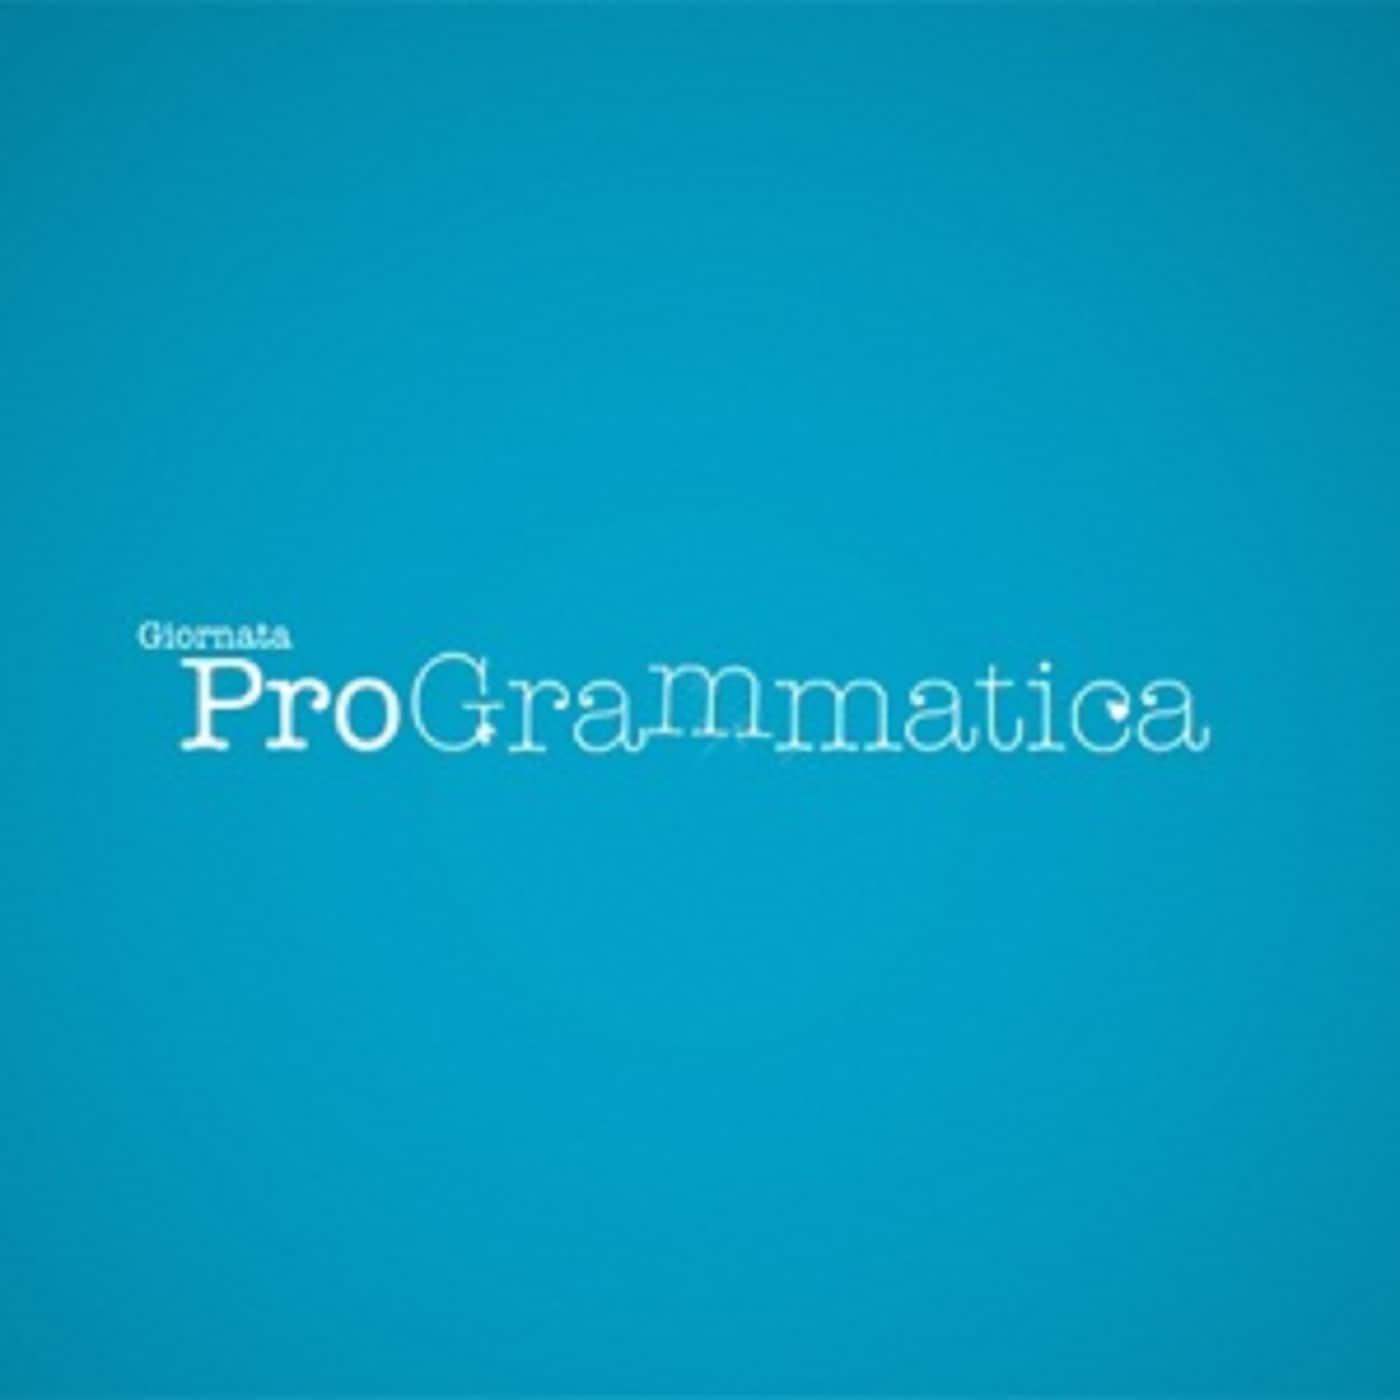 Giornata ProGrammatica